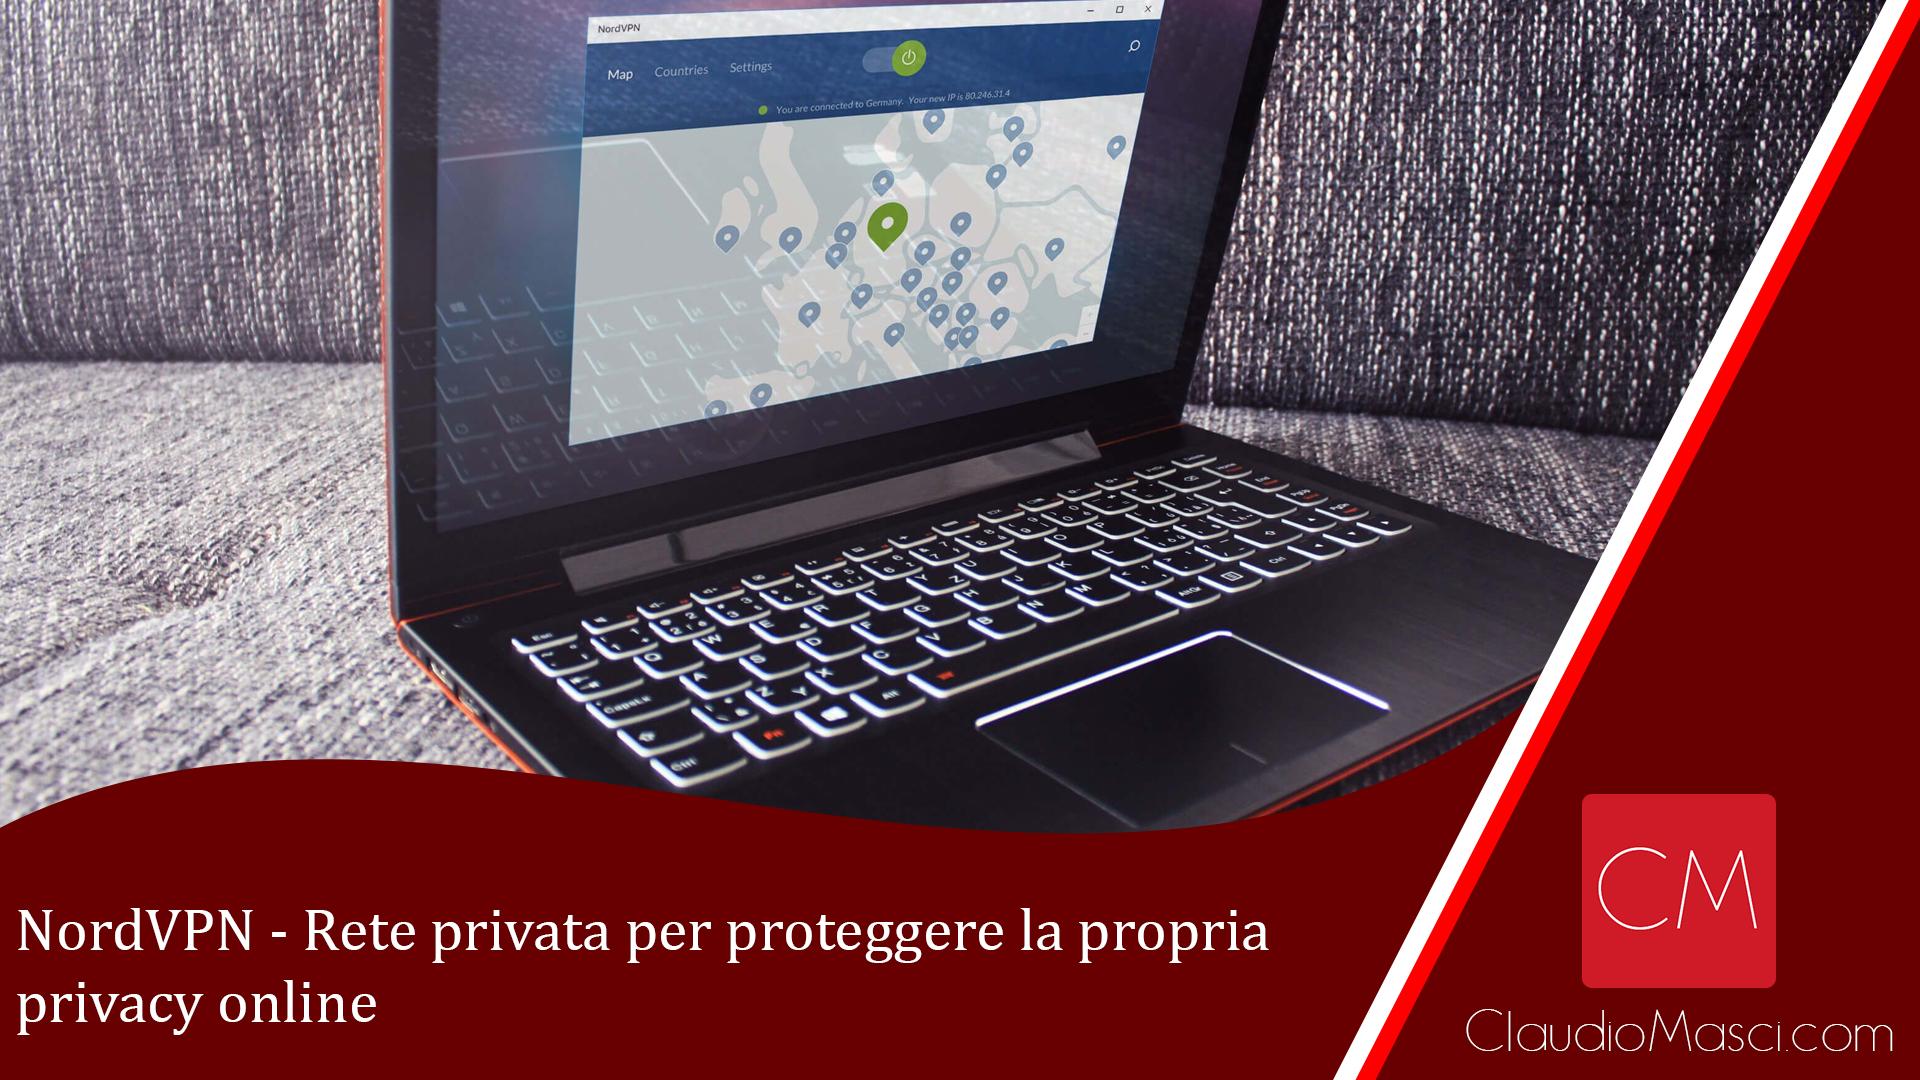 NordVPN – Rete privata per proteggere la propria privacy online